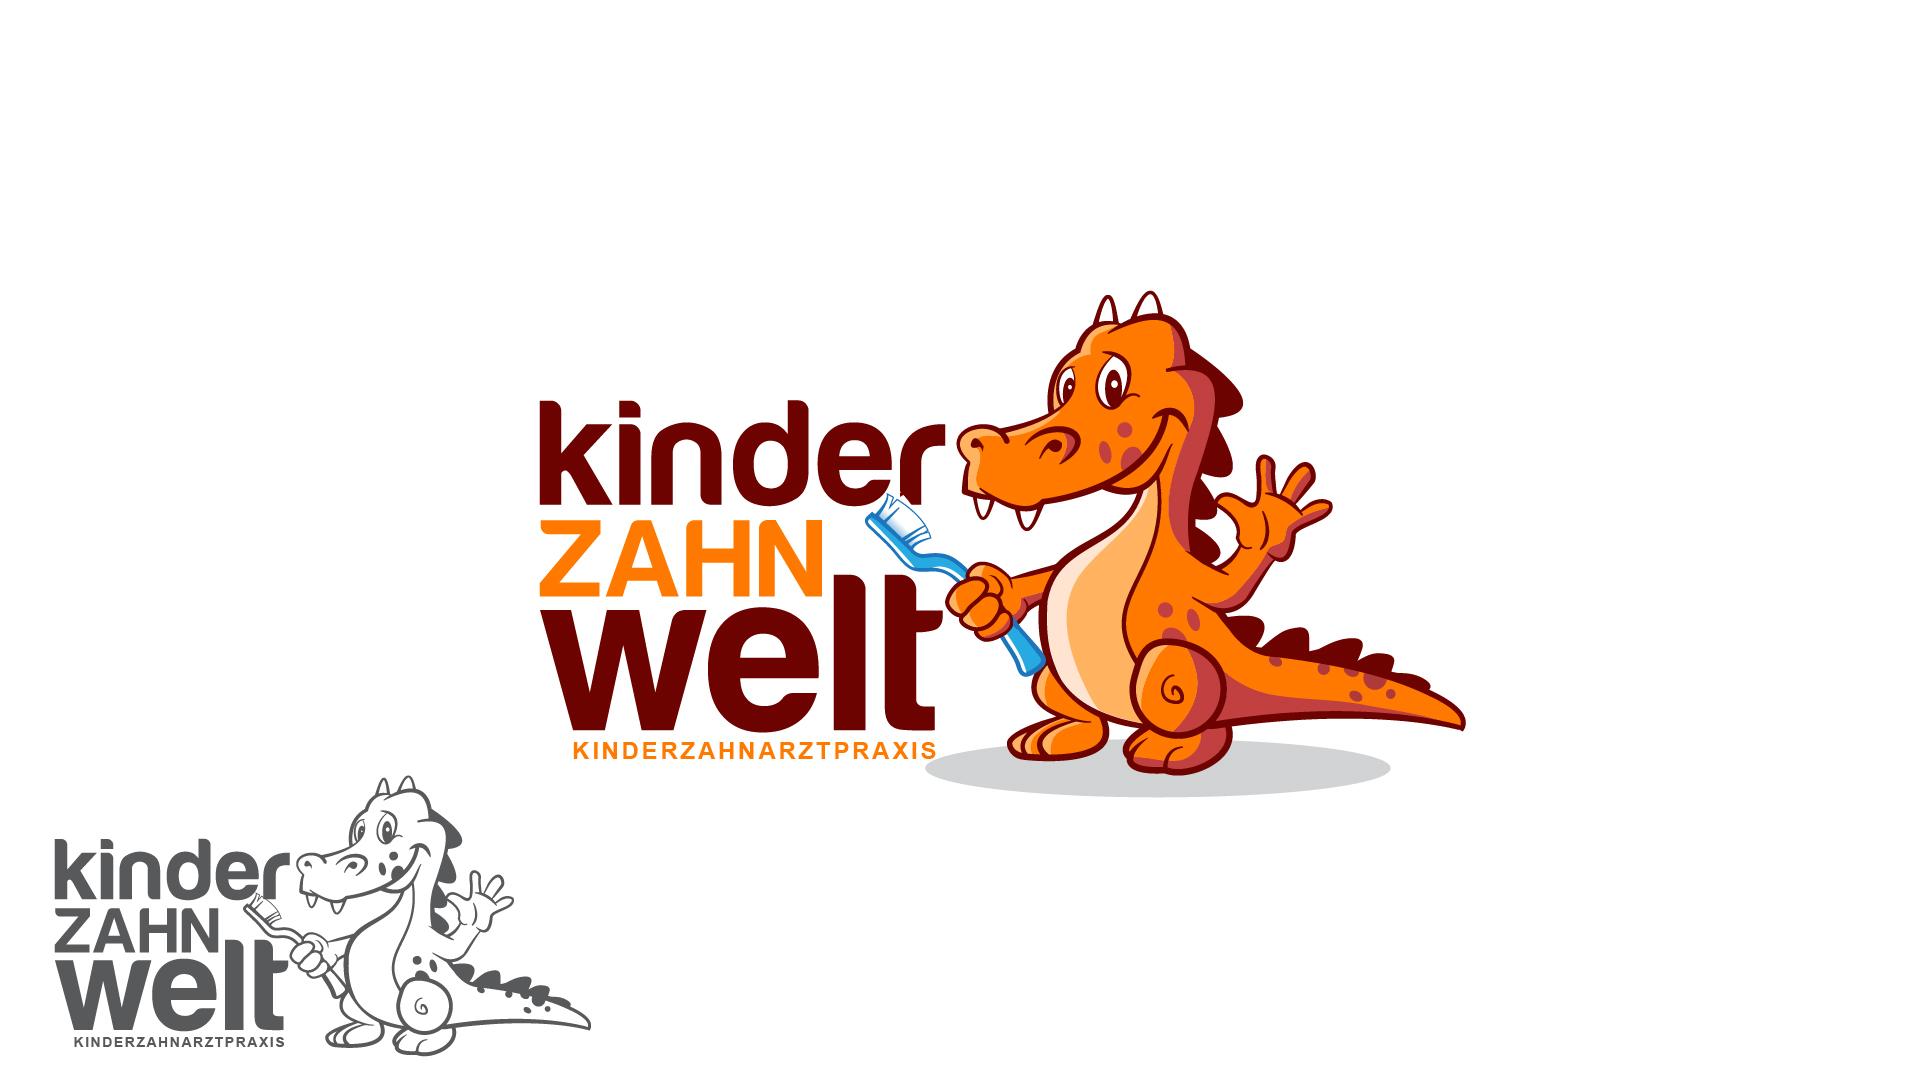 Kinderzahnwelt, Kinderzahnland